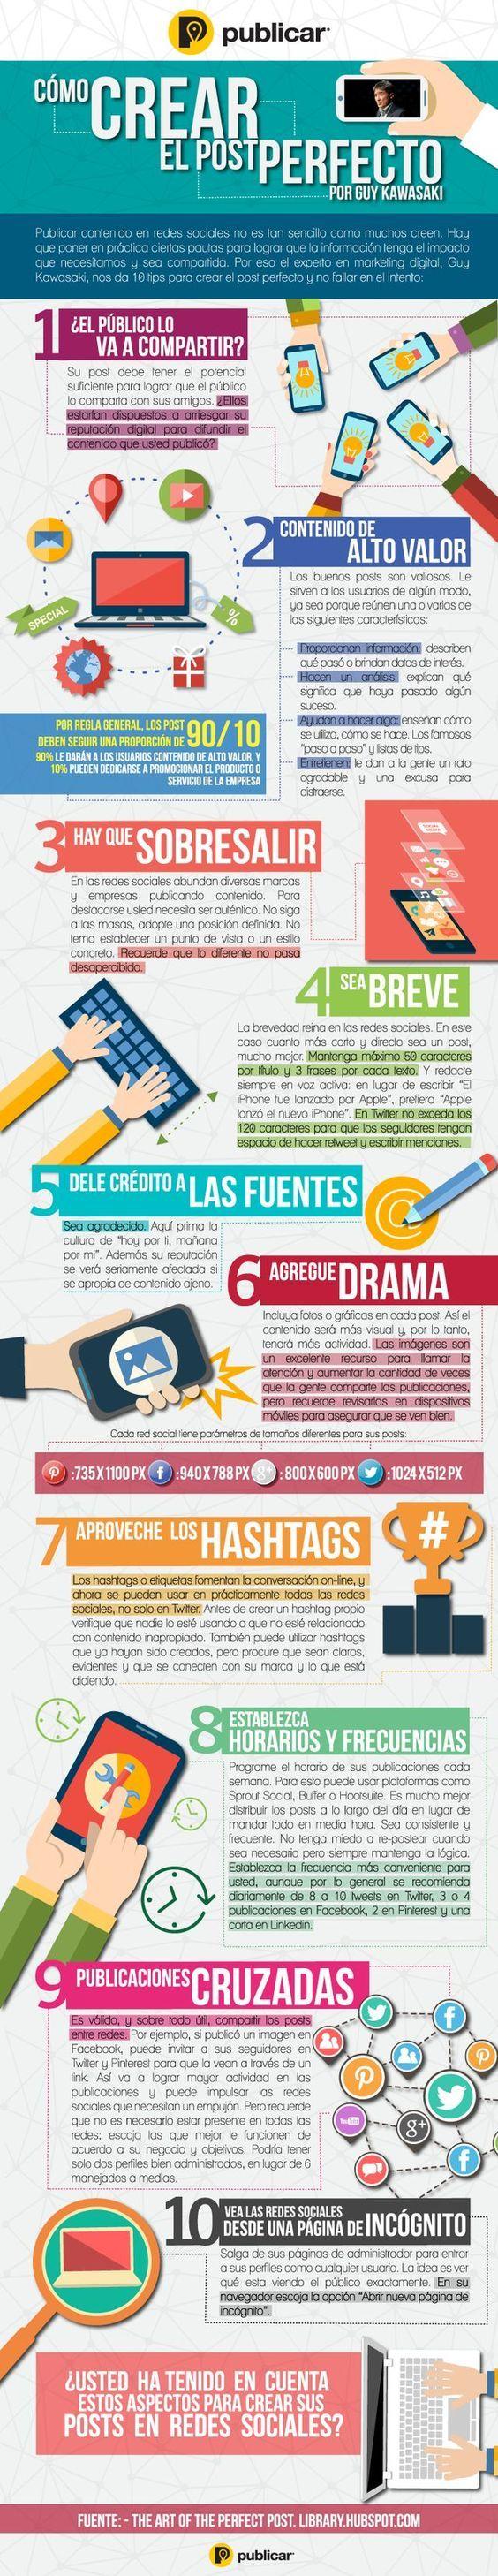 10 consejos para publicar posts sociales perfectos en redes sociales. #Infografía en castellano.: